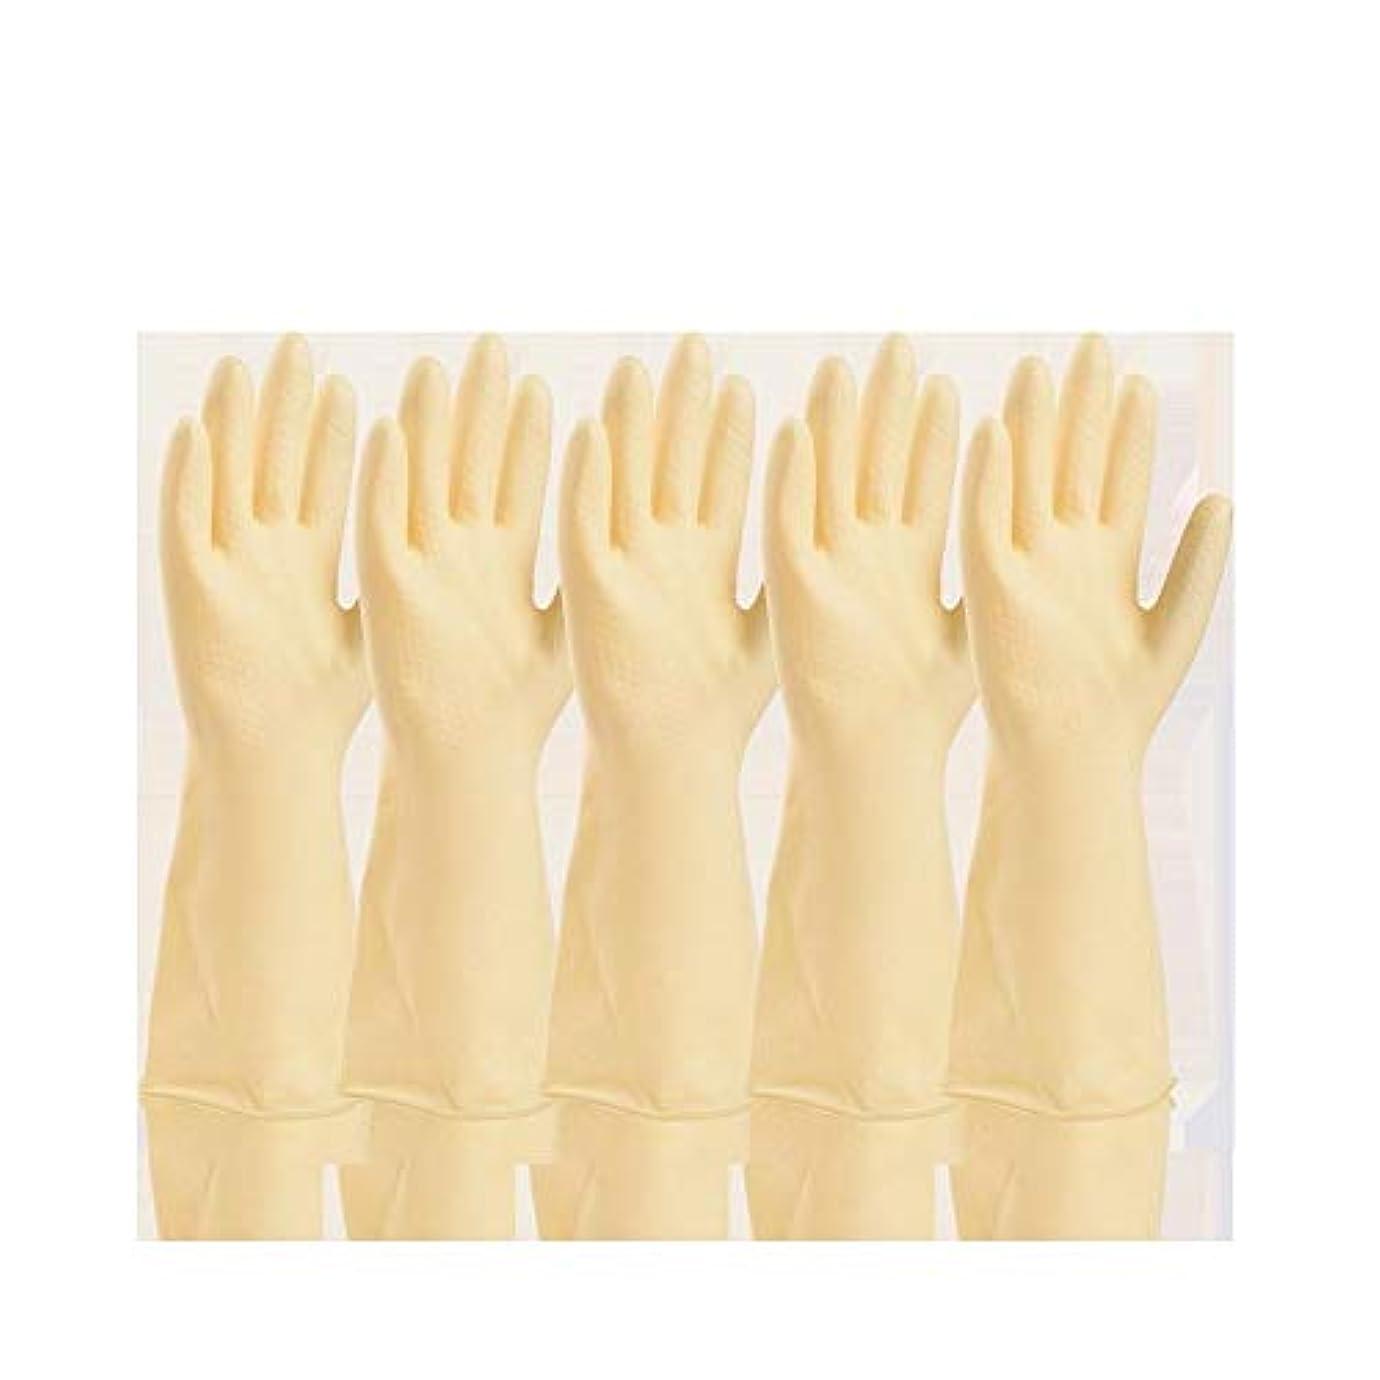 含める反逆者楽しい使い捨て手袋 工業用手袋厚手のプラスチック製保護用耐水性防水ラテックス手袋、5ペア ニトリルゴム手袋 (Color : White, Size : S)